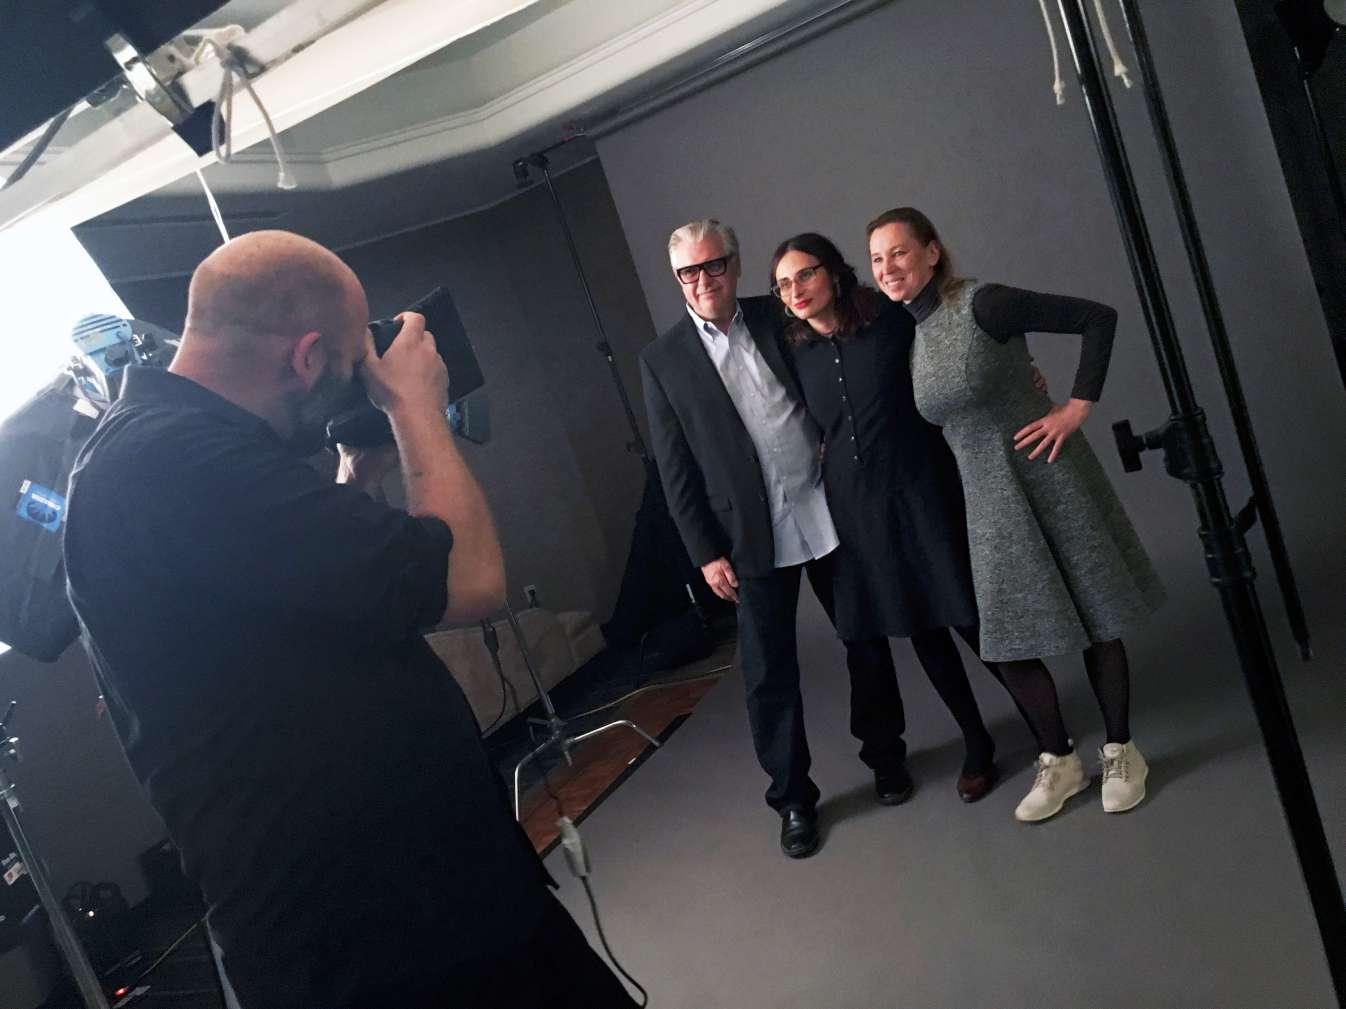 Vyto Ruginis, Eglė Vertelytė, Eglė Mikulionytė Tarptautiniame Toronto kino festivalyje | Rengėjų nuotr.